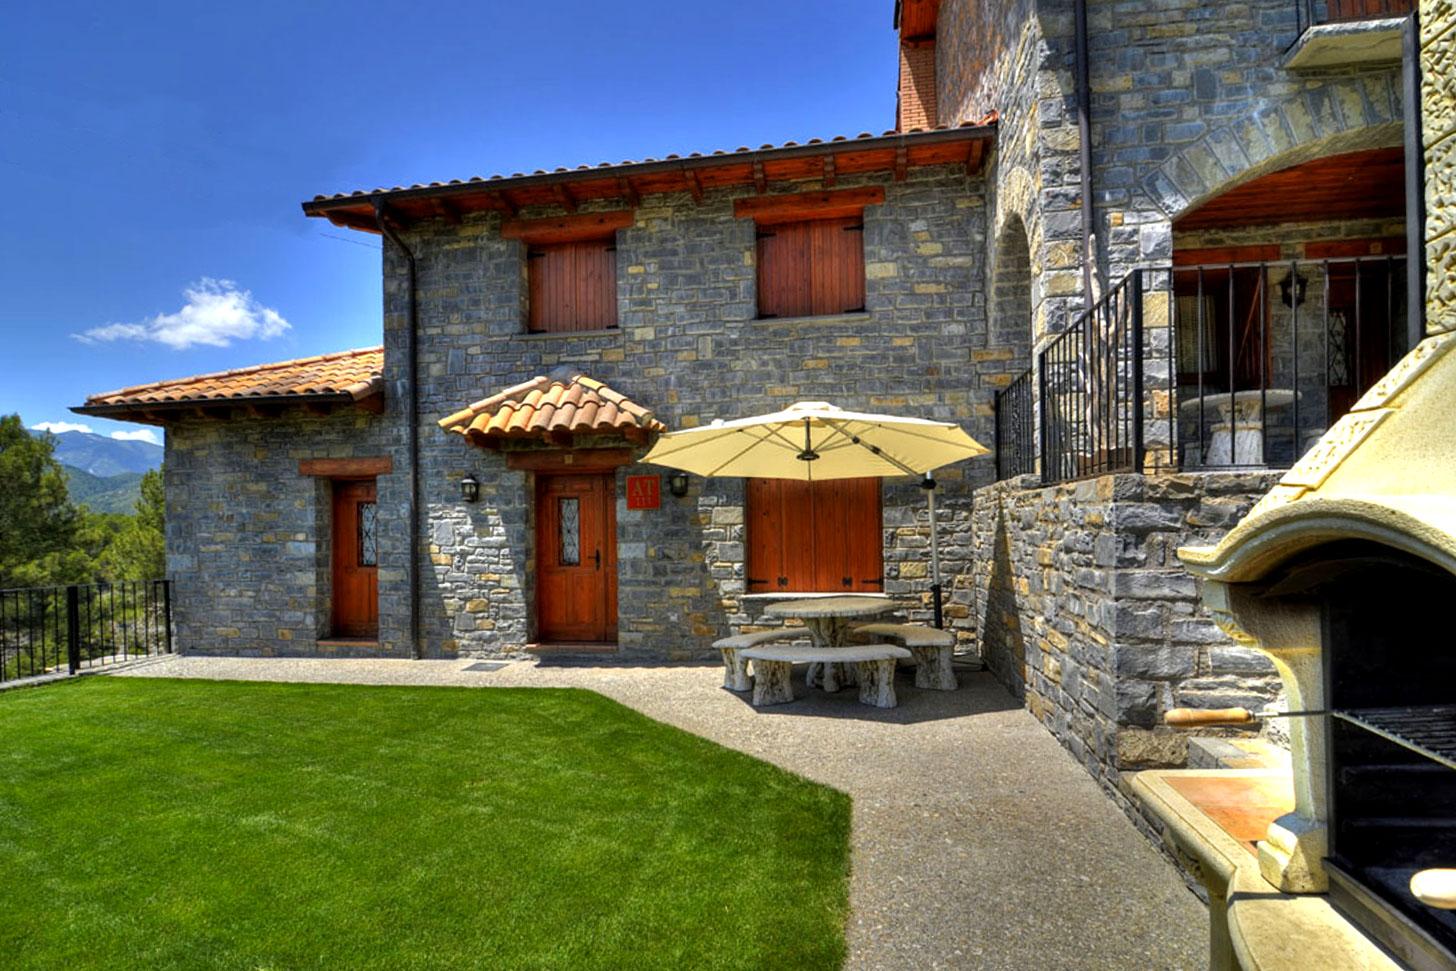 La Encina Casas Rurales Pirineo Aragones Ordesa Alquiler Turismo